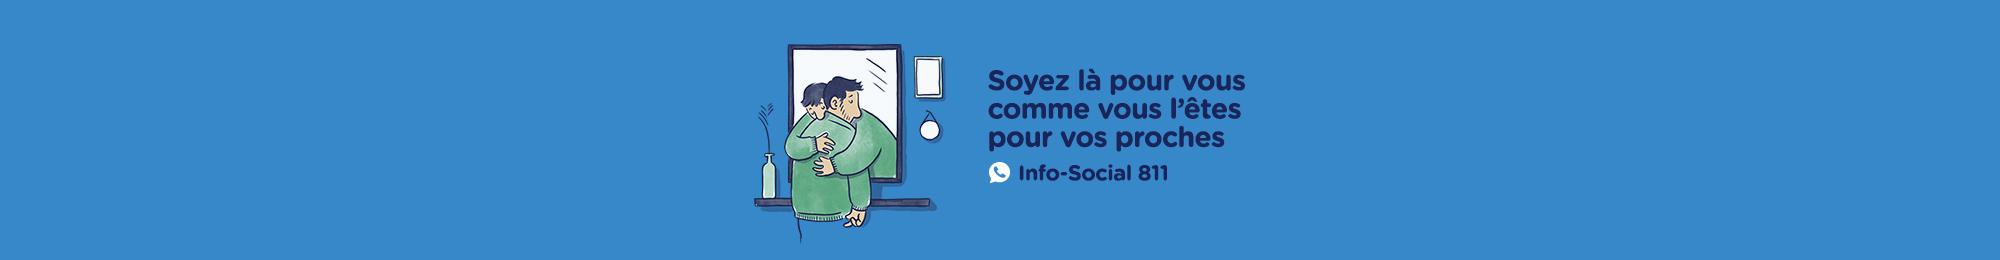 Soyez là pour vous comme vous l'êtes pour vos proches. Info-Social 811